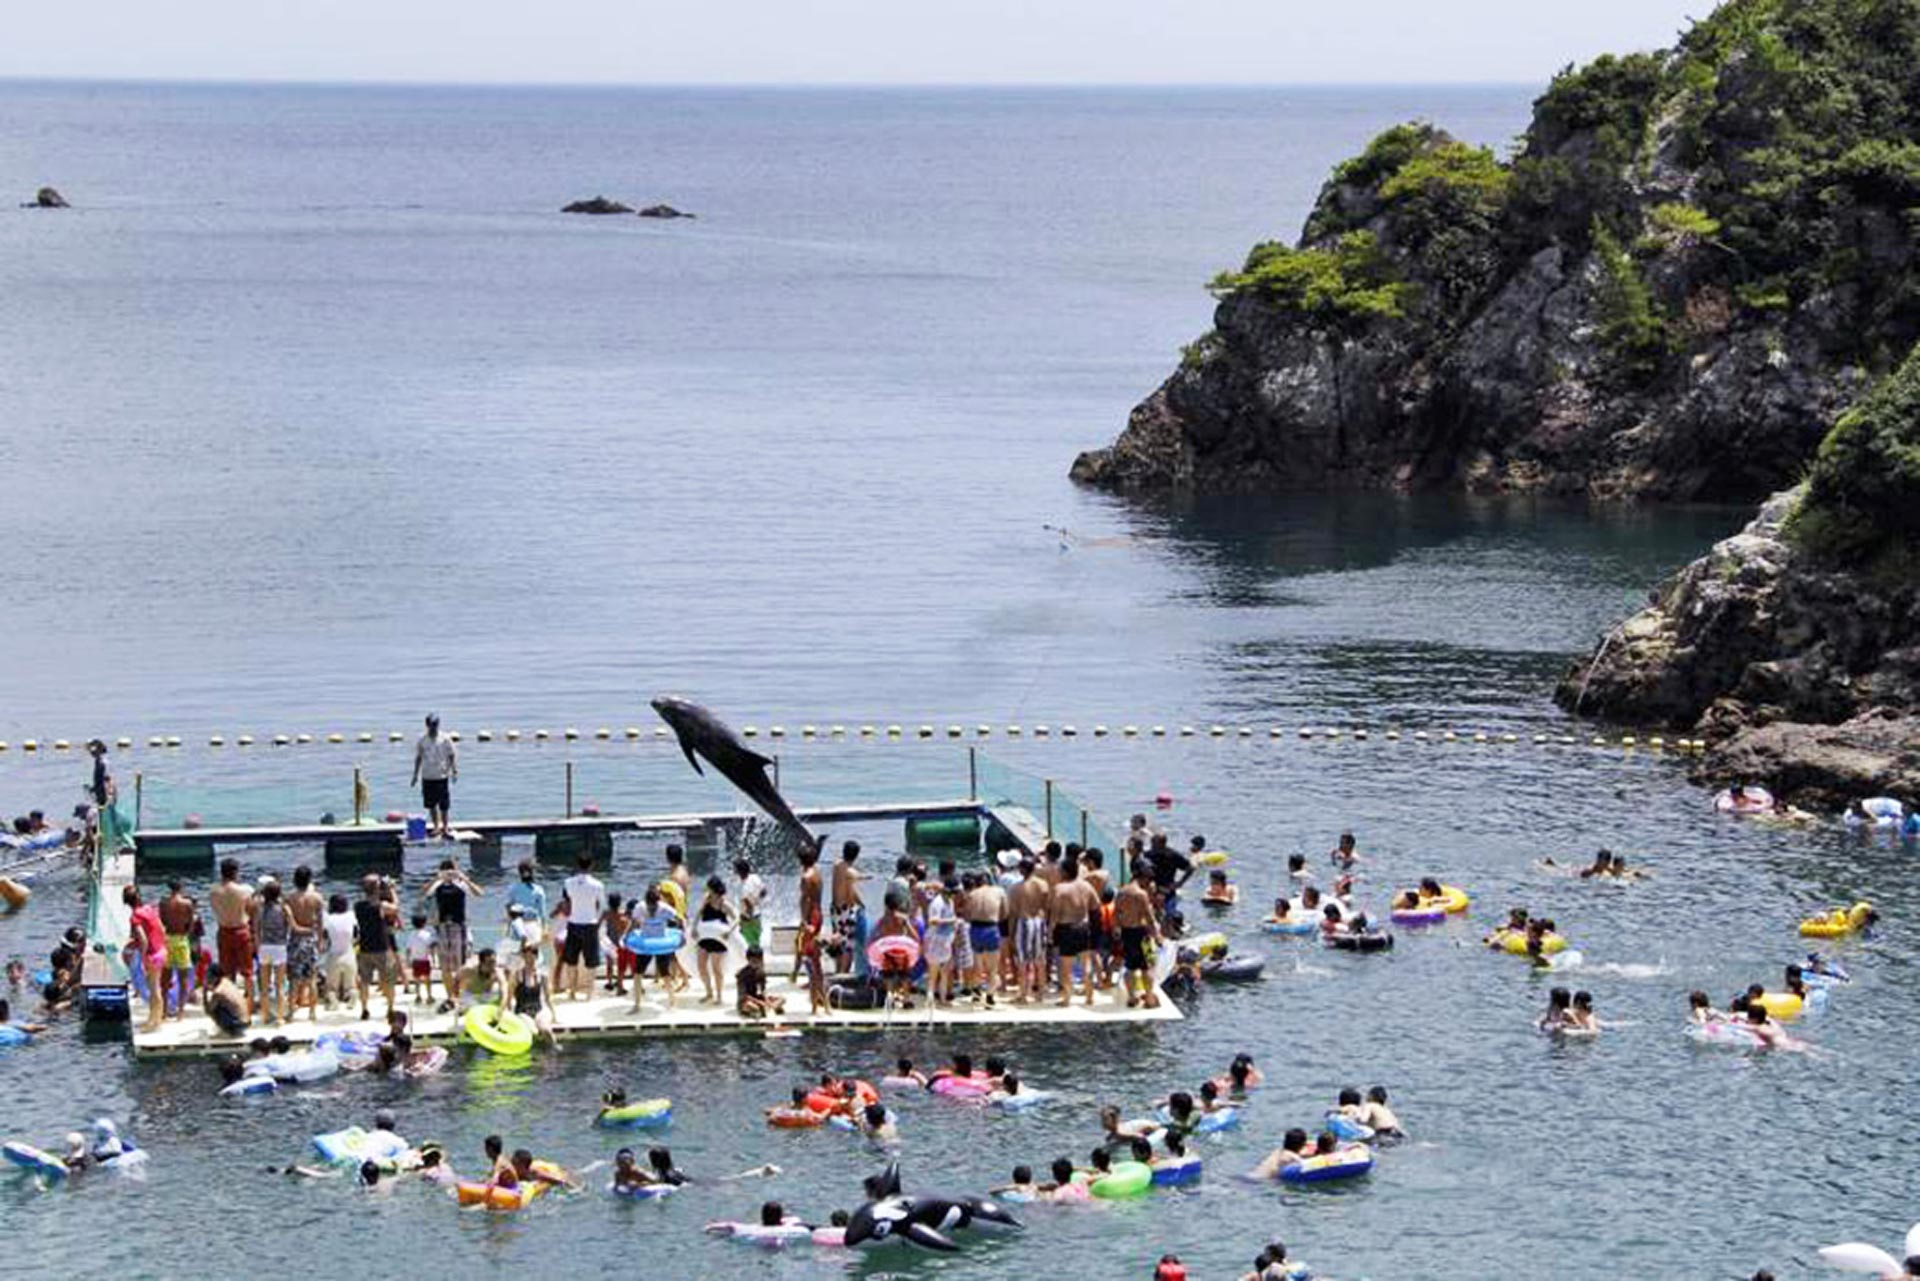 太地町の入江で生簀に入れられたイルカと泳ぐ光景客   AP